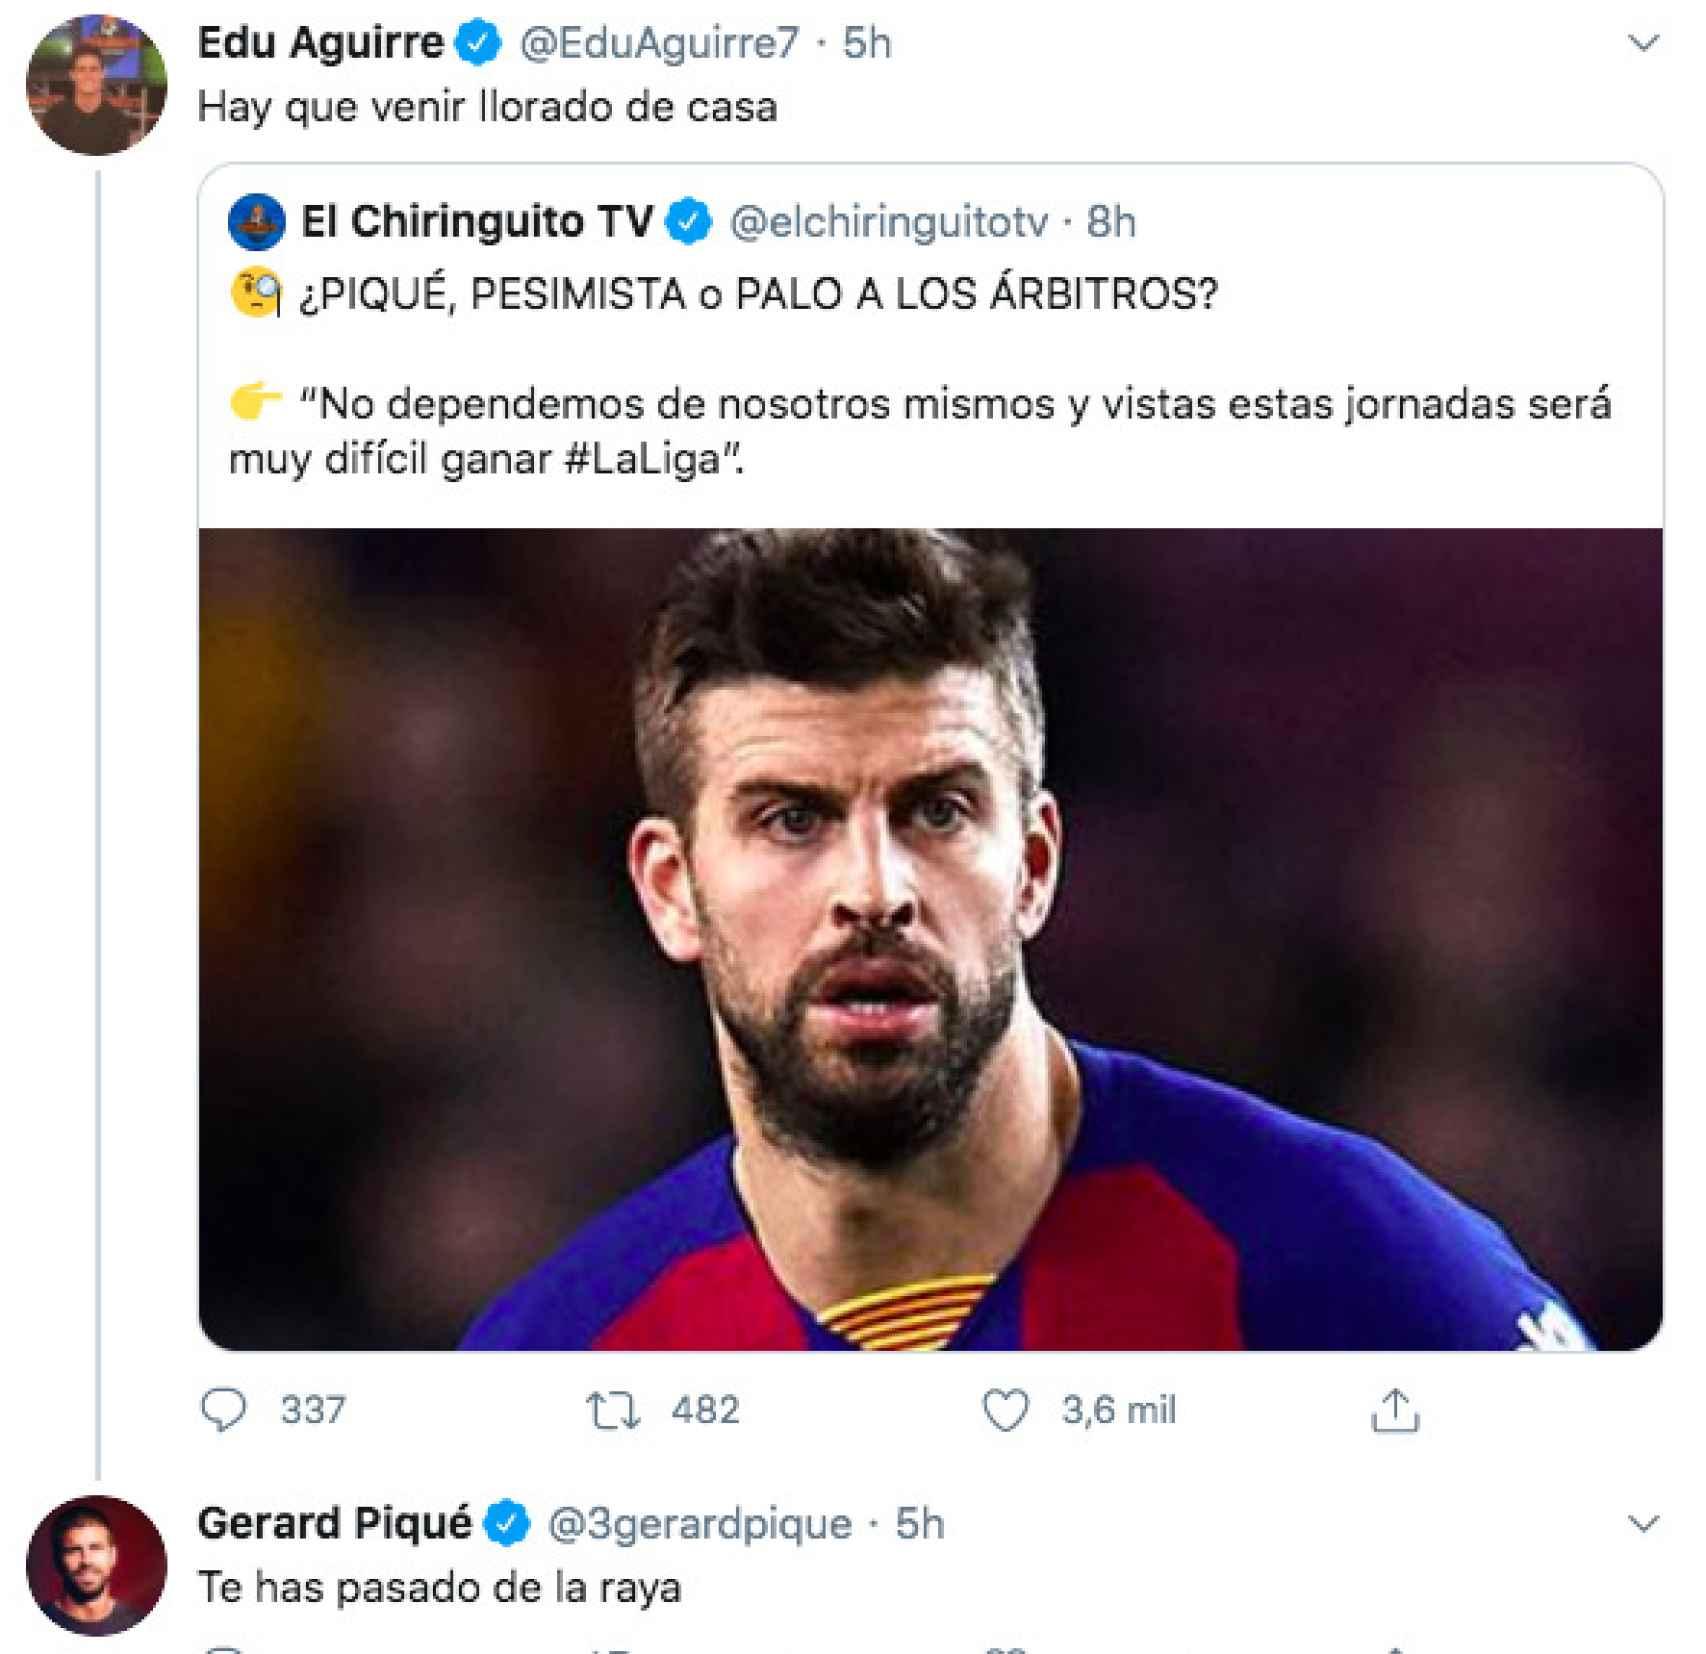 Gerard Piqué ataca a Edu Aguirre, de El Chiringuito